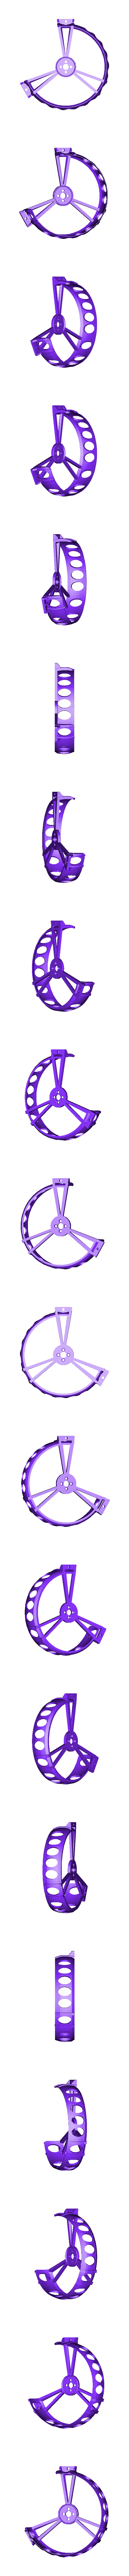 duct_057_RR.stl Télécharger fichier STL gratuit Micro quadrocoptère - Semi-conduits interchangeables - Châssis en Beecheese V11 • Modèle pour imprimante 3D, noctaro